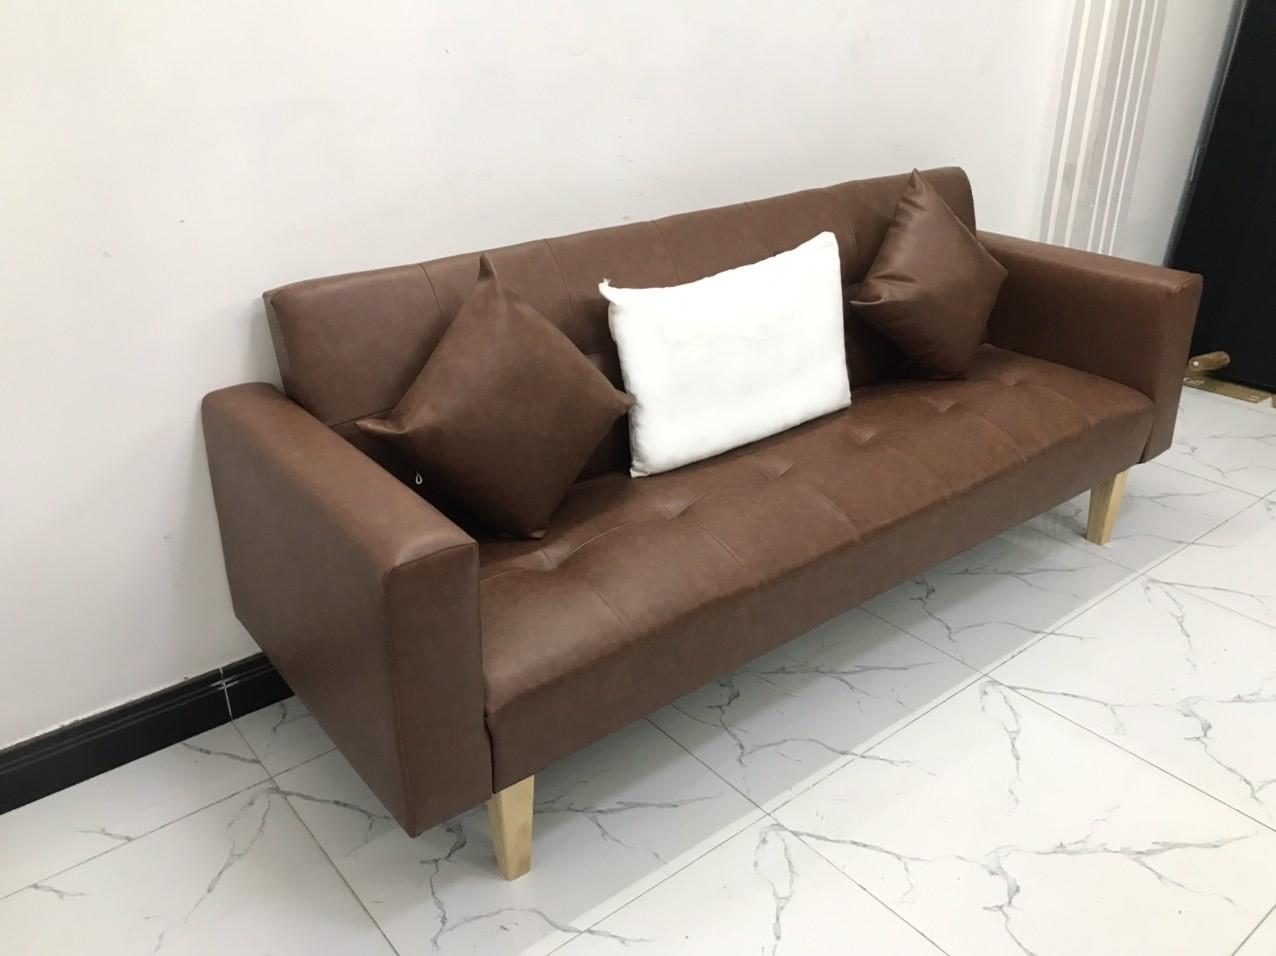 Ghế dài 2mx90 sofa bed tay vịn phòng khách linco8 sopha salon